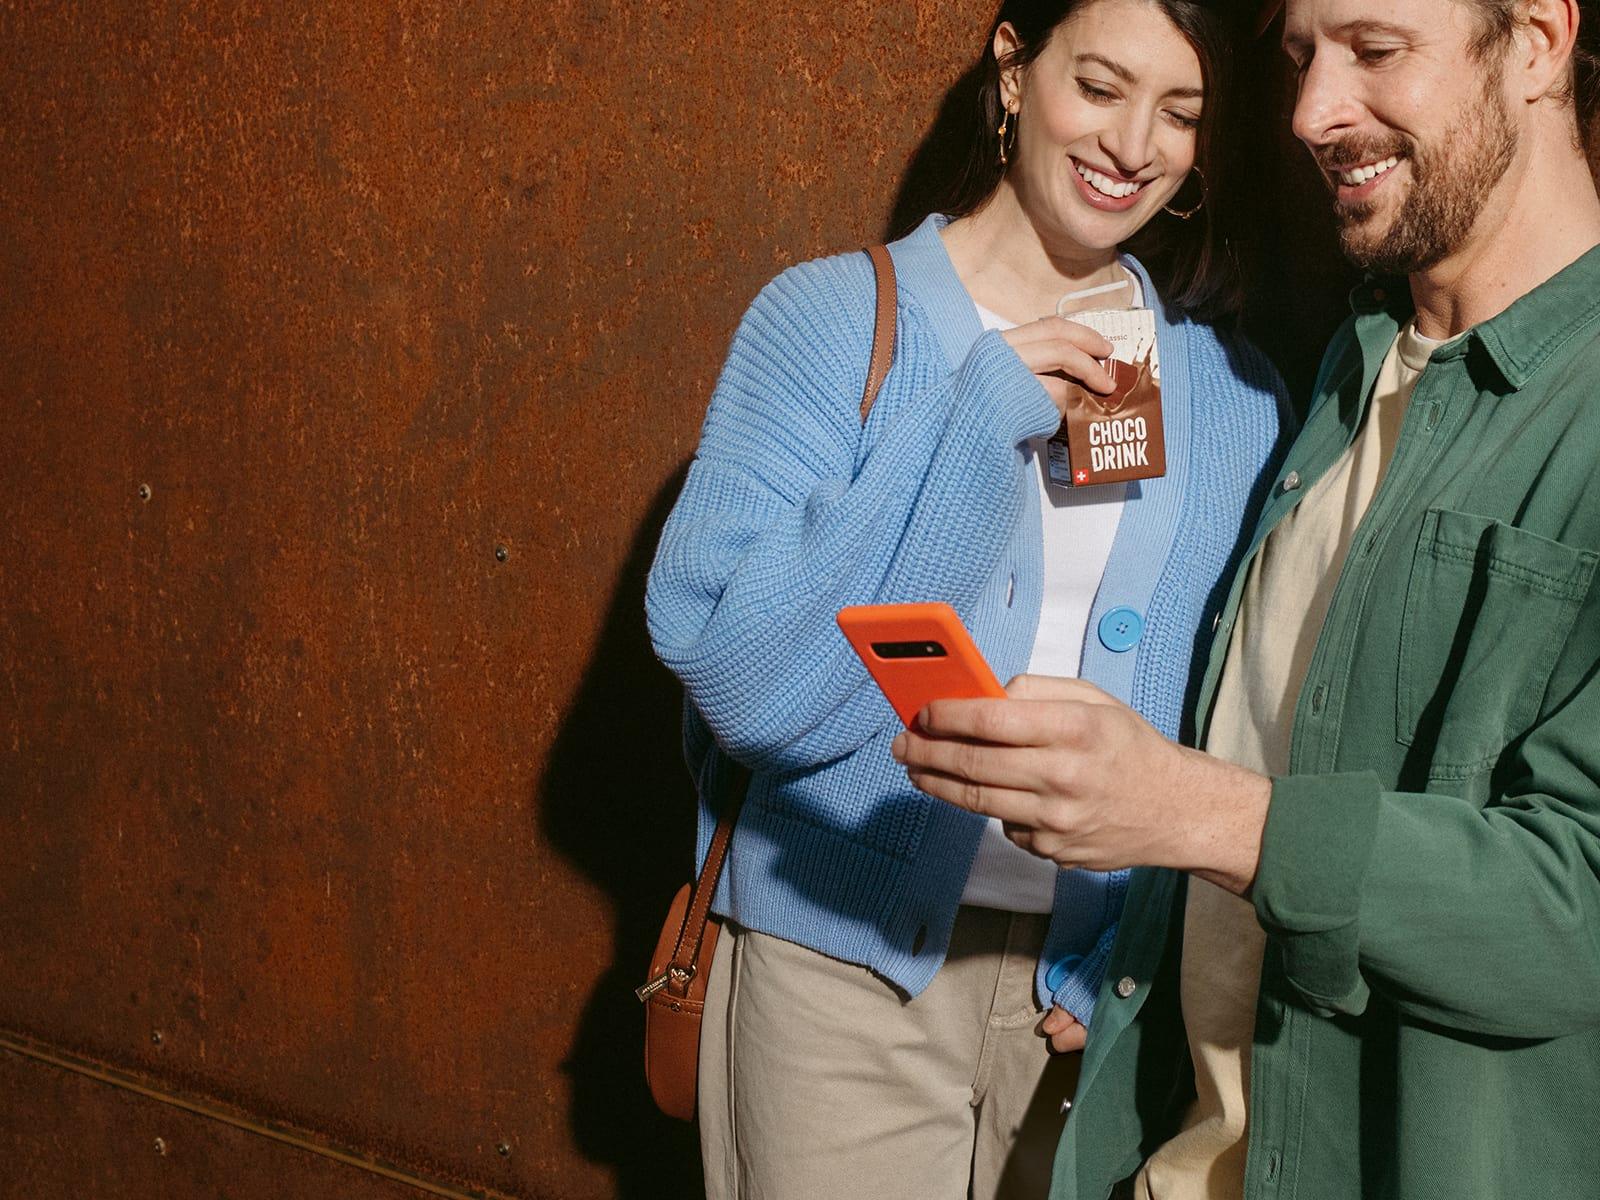 Zwei Personen schauen auf ein Mobiltelefon und schauen sich die Migipedia App an